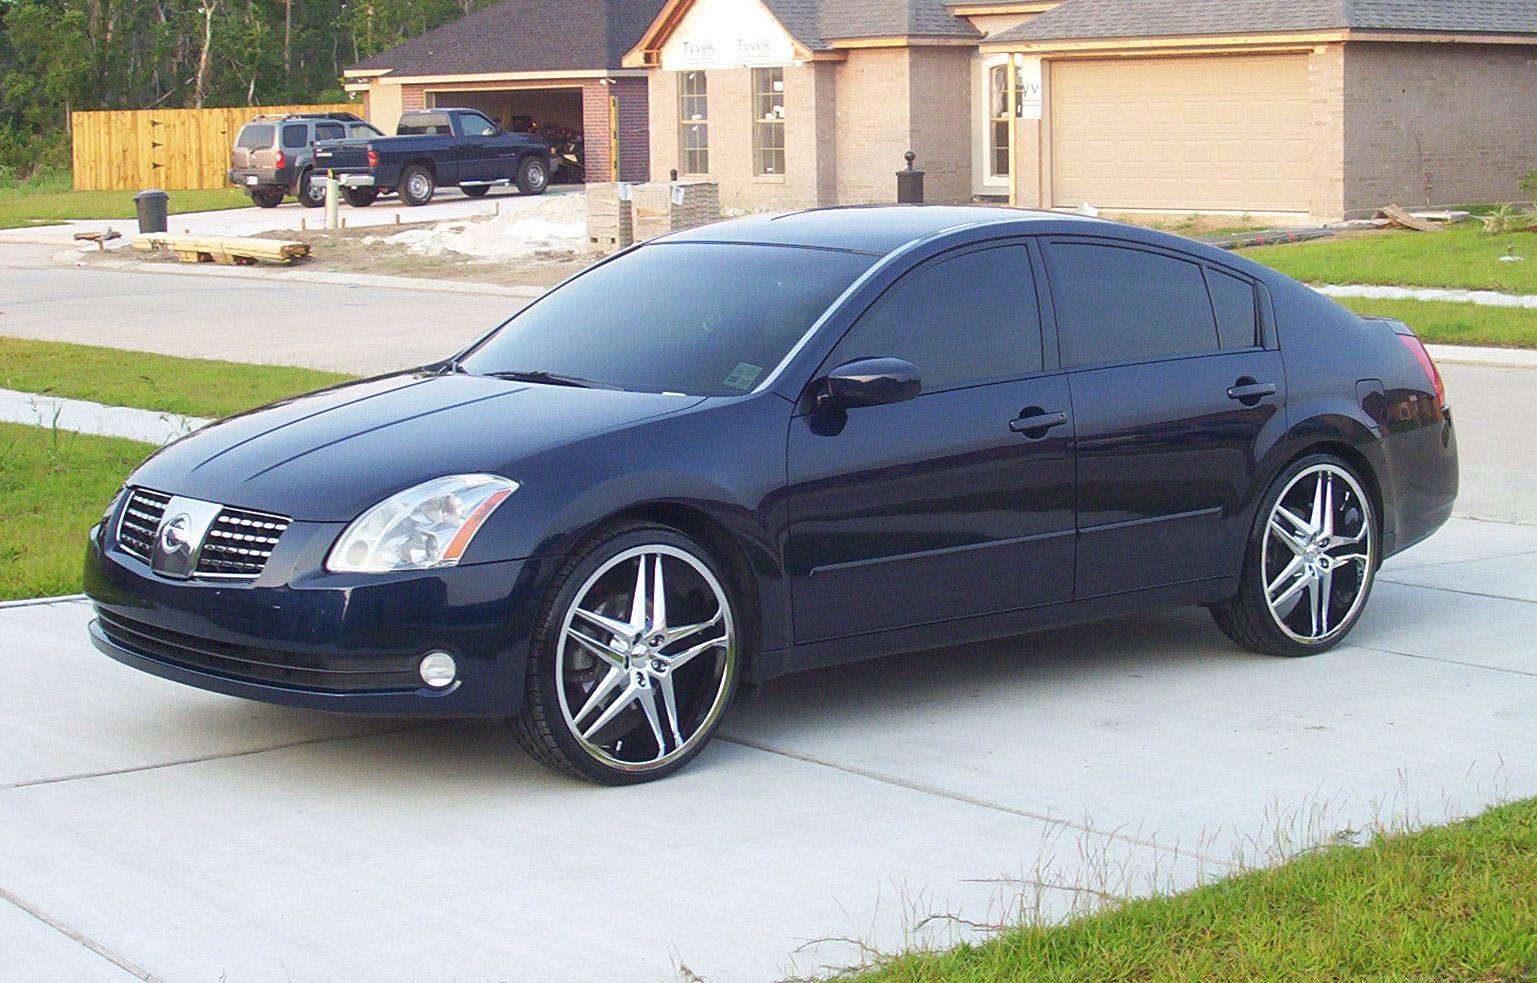 2004 Nissan Maxima Pictures Cargurus